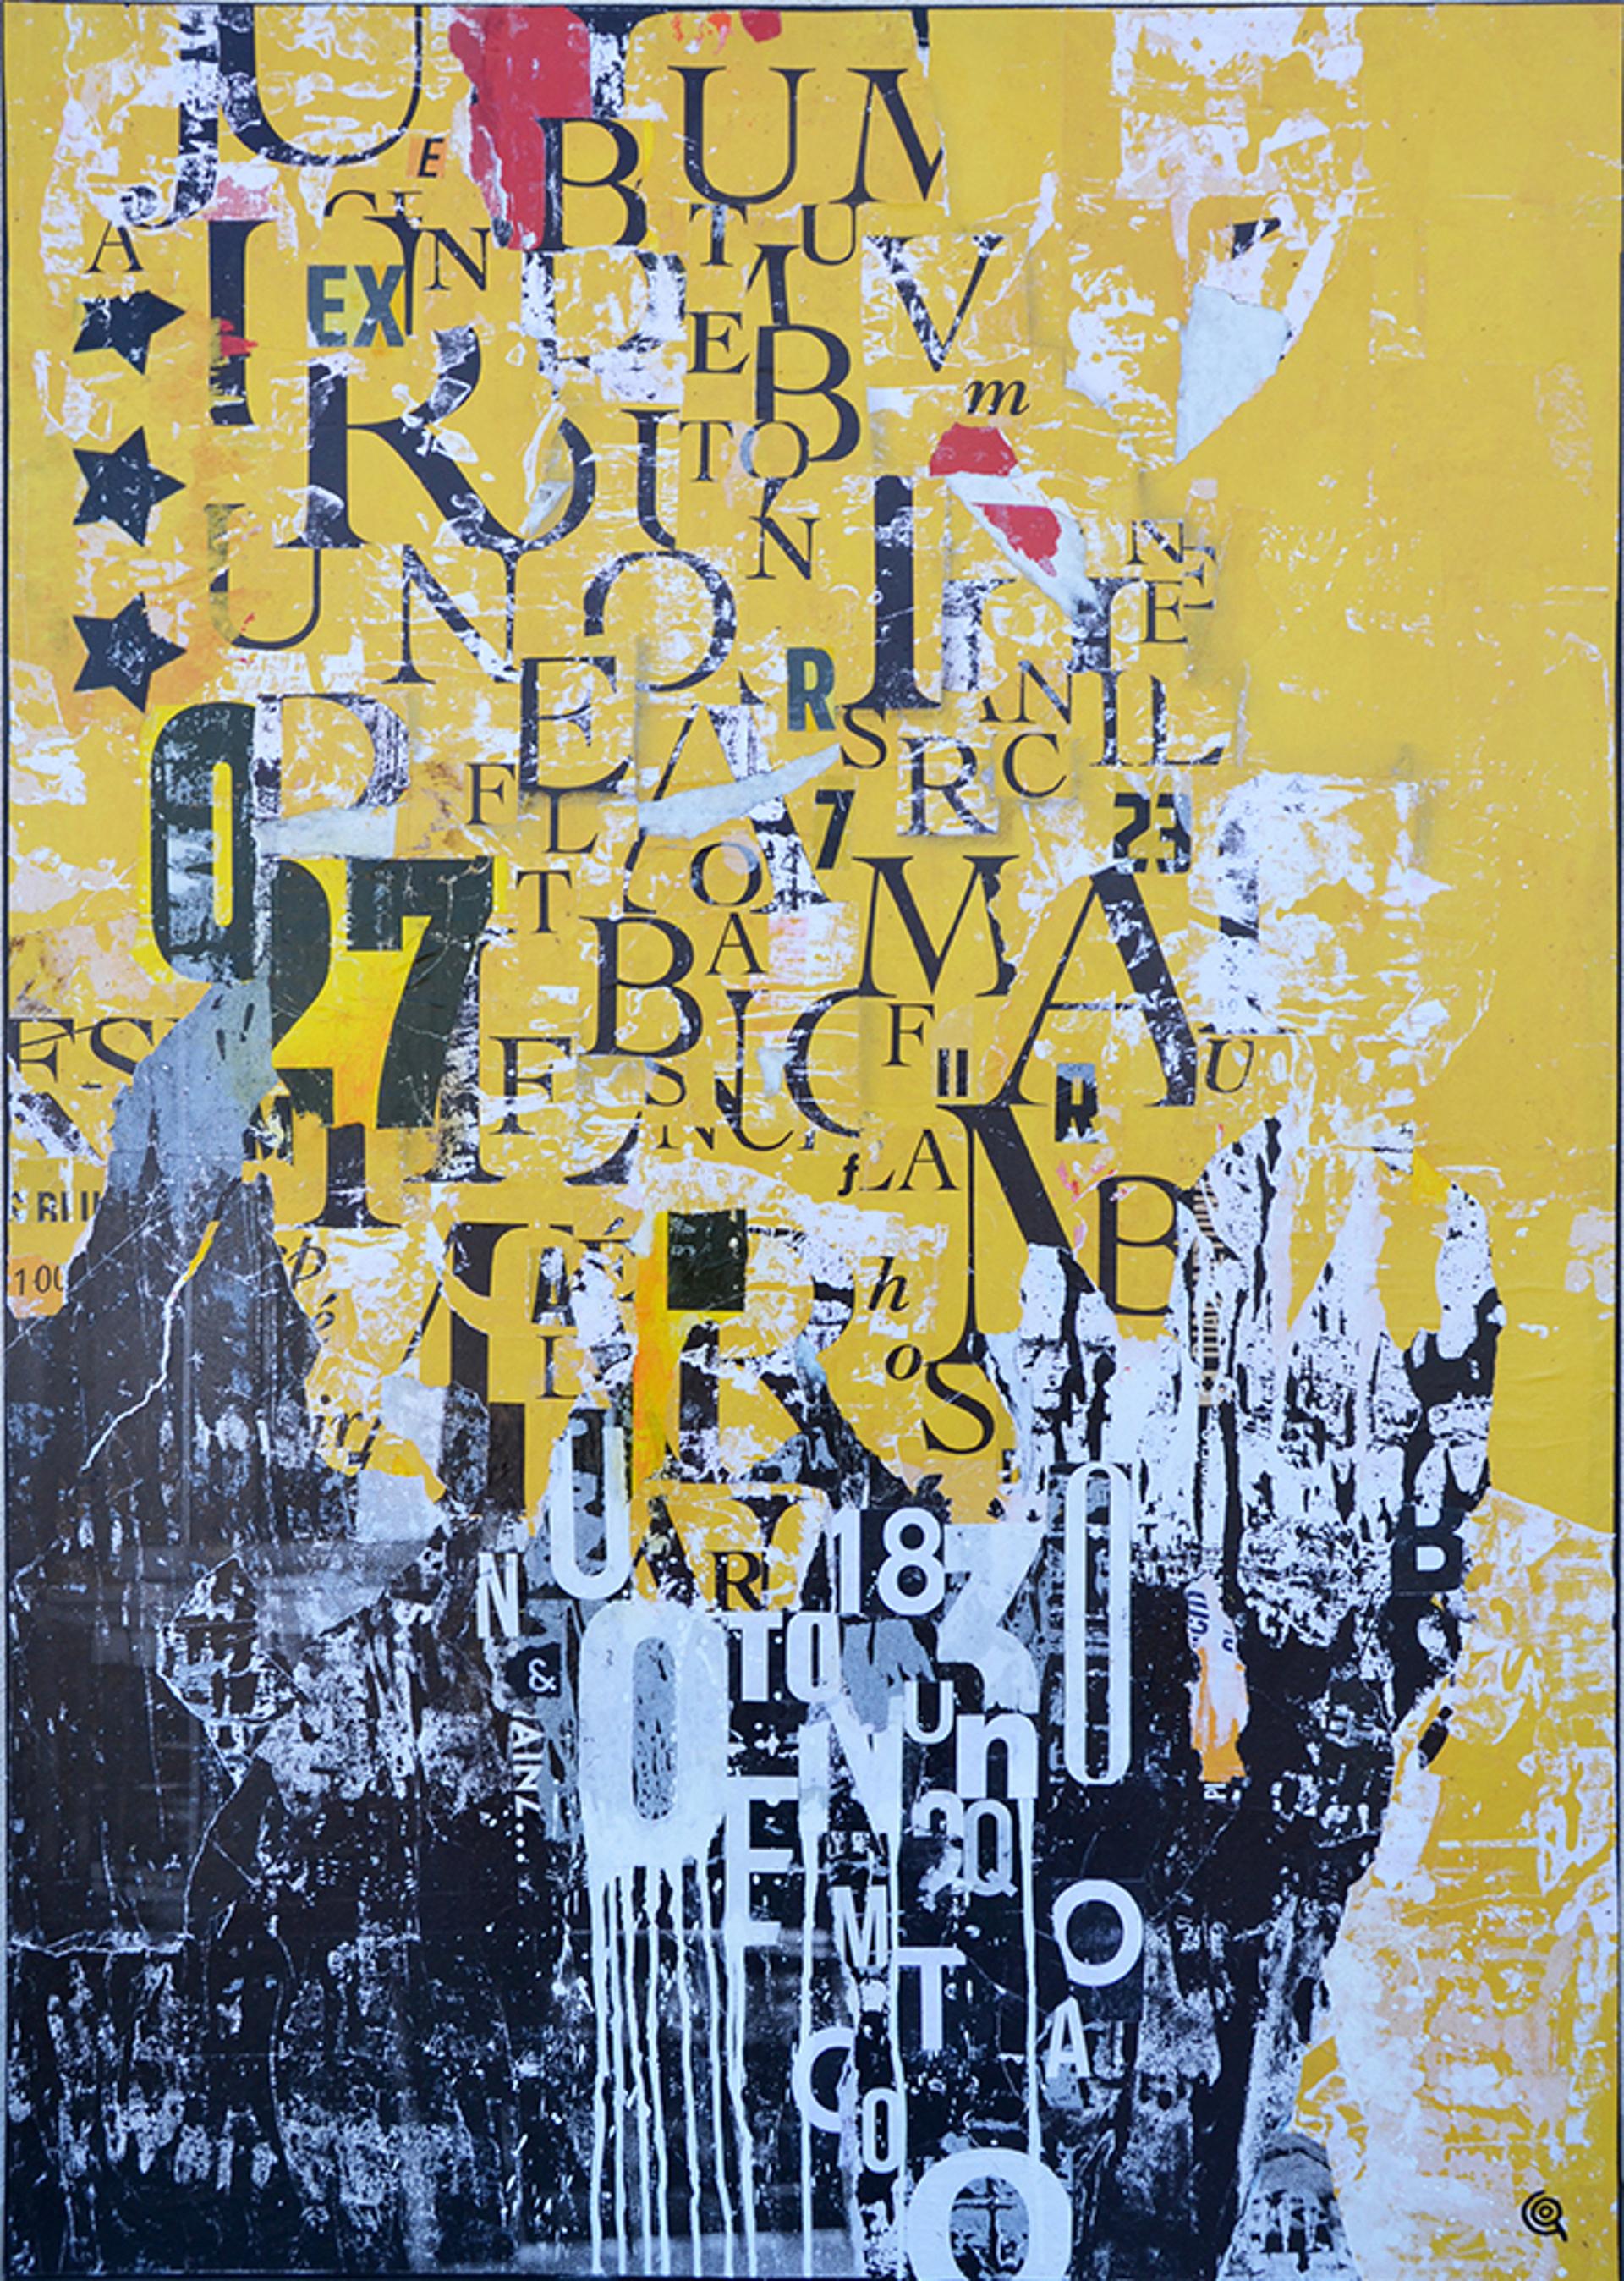 Rue Cyrano by Sylvie Perrin